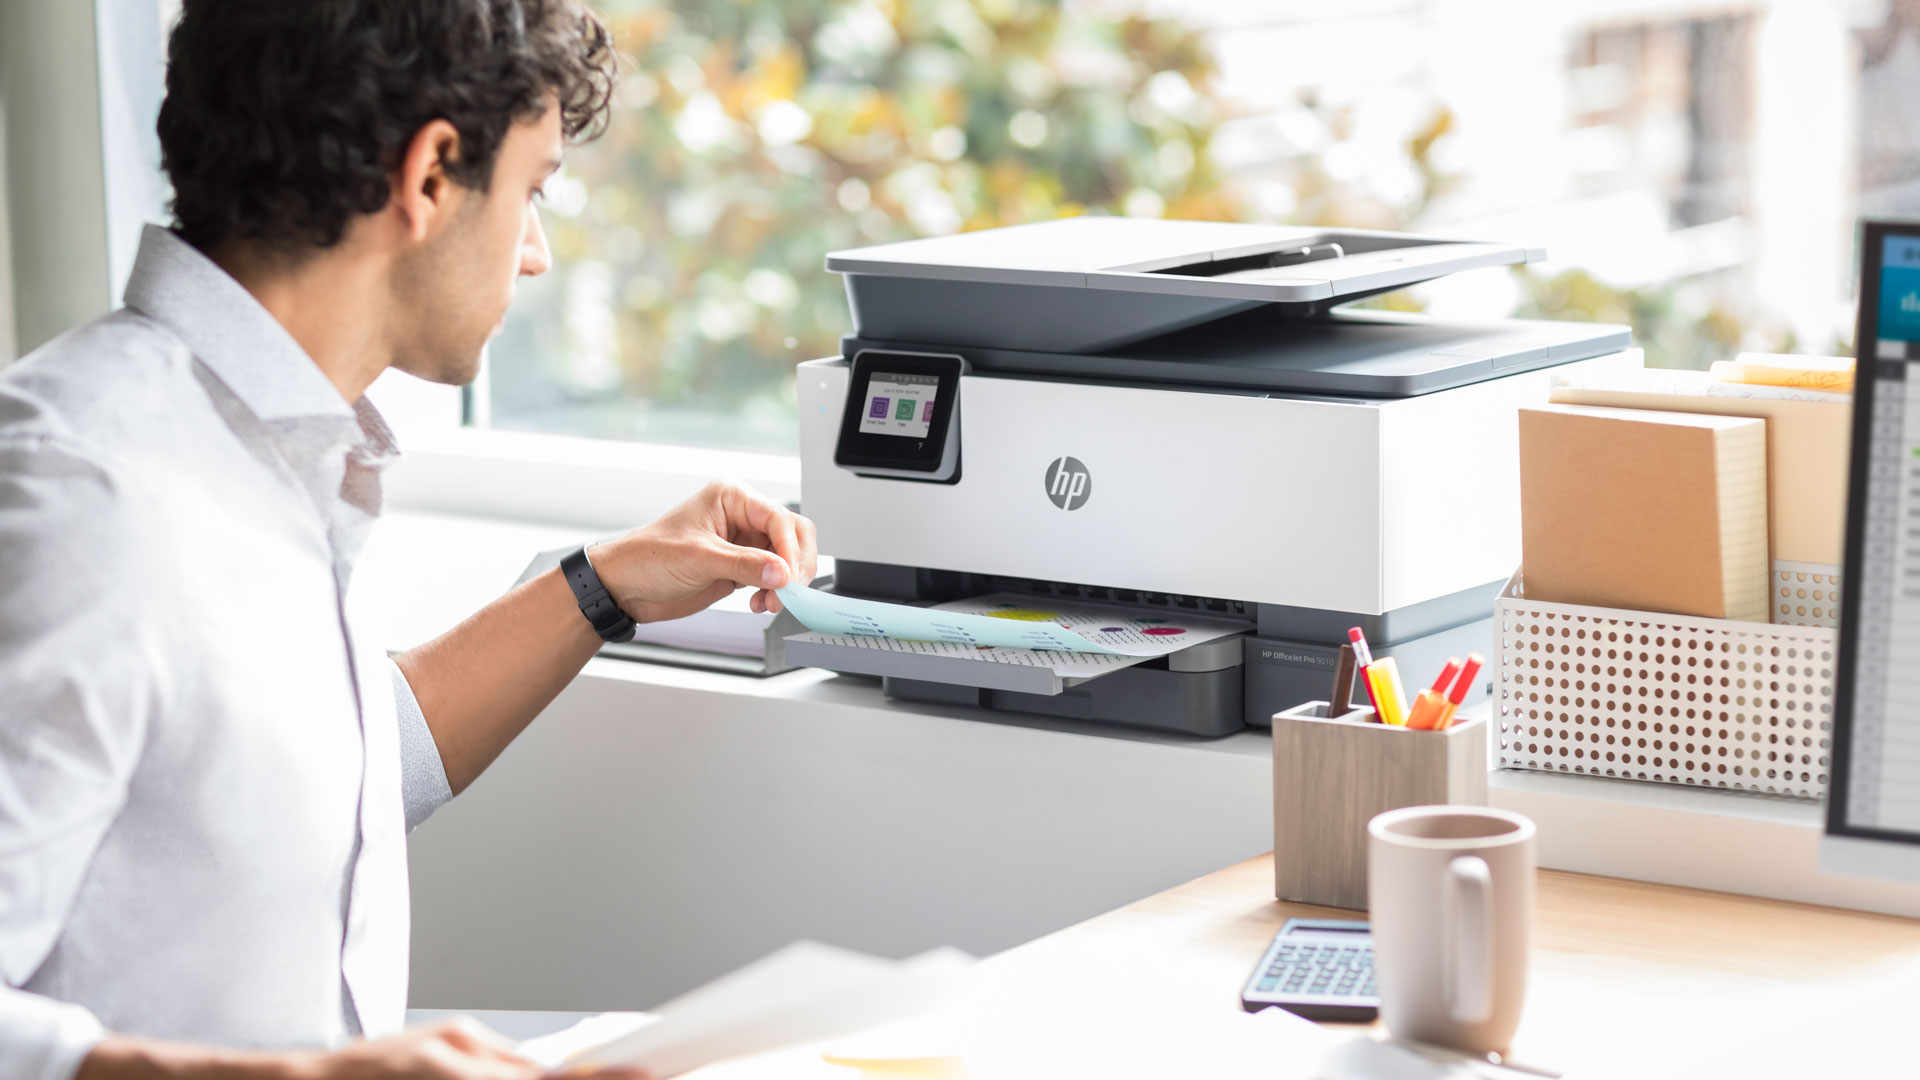 Pronájem PC, tiskáren a jiné výpočetní techniky - Naše společnost realizuje pronájem PC, notebooků, počítačů, telefonů, telefonních ústředen a tiskáren a to jak společnostem, tak i soukromým osobám.